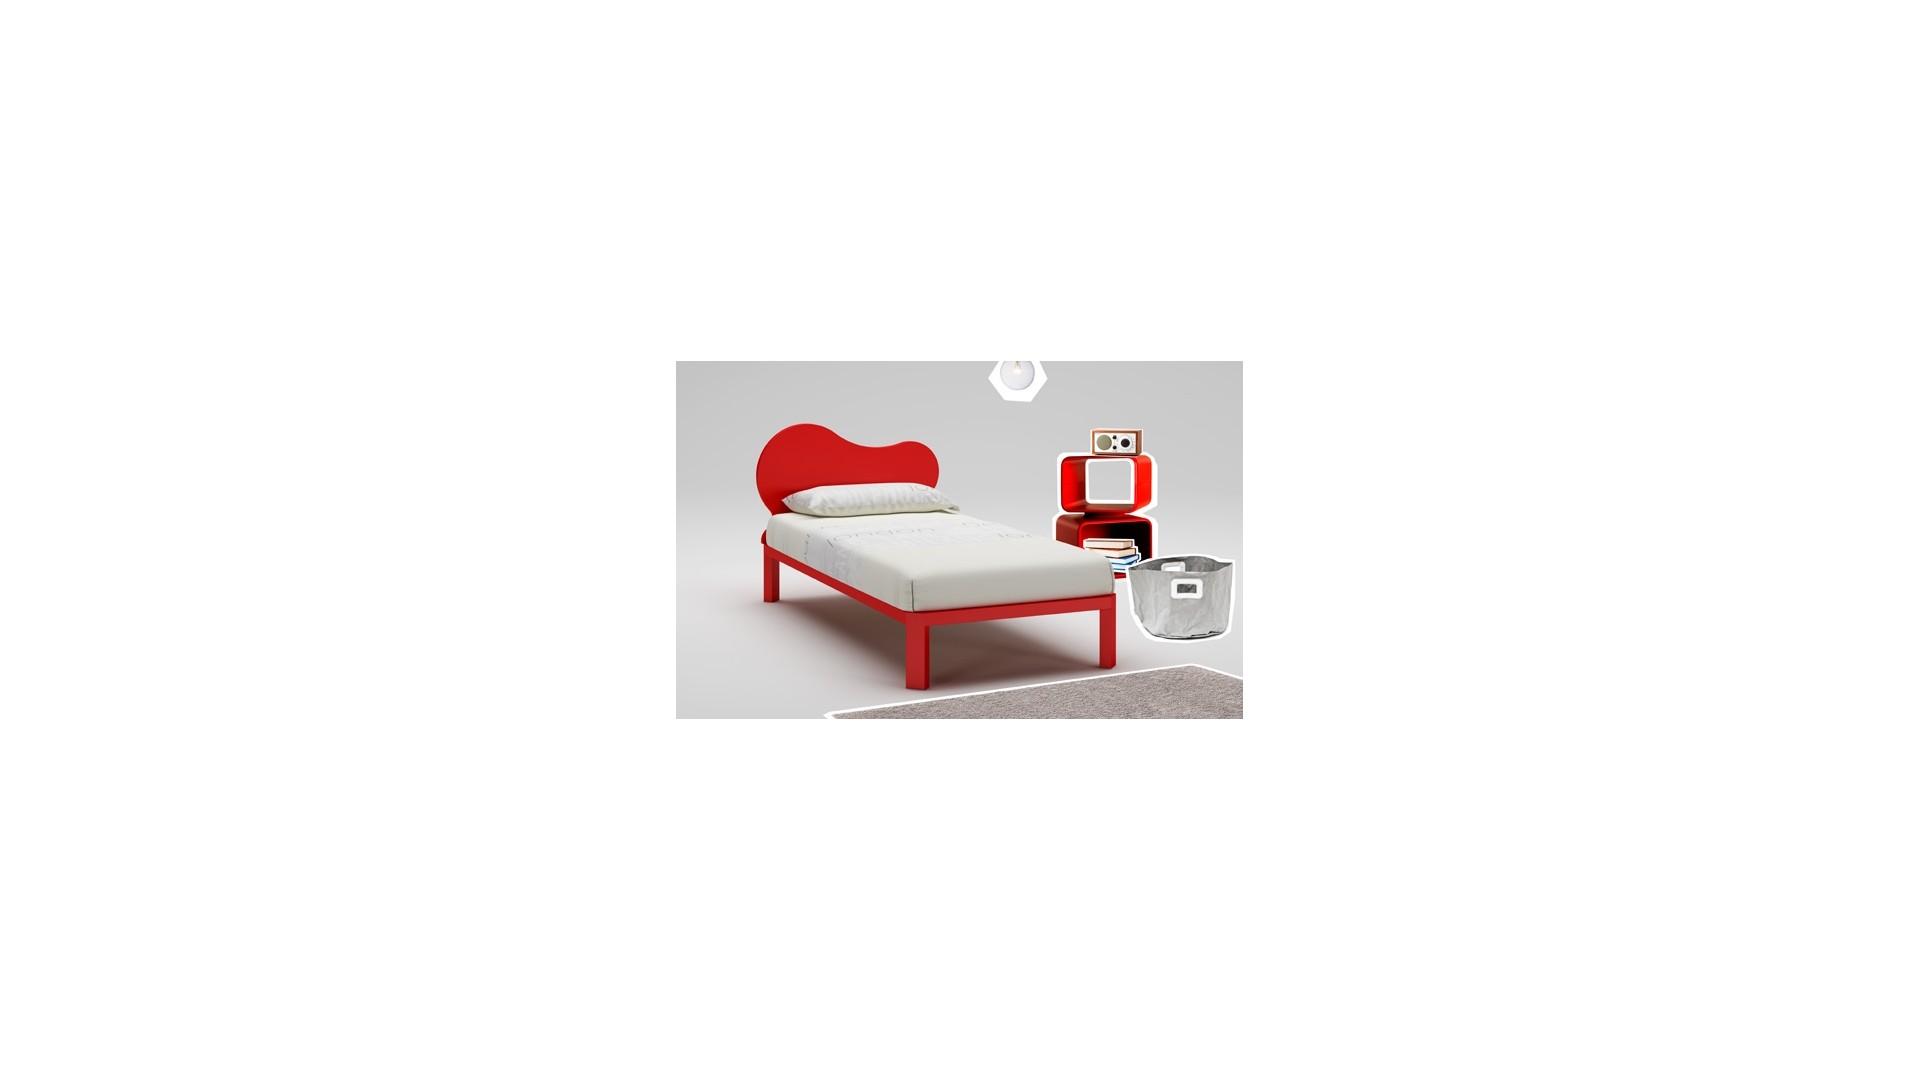 lit enfant fun couleur cerise avec sommier moretti compact so nuit. Black Bedroom Furniture Sets. Home Design Ideas